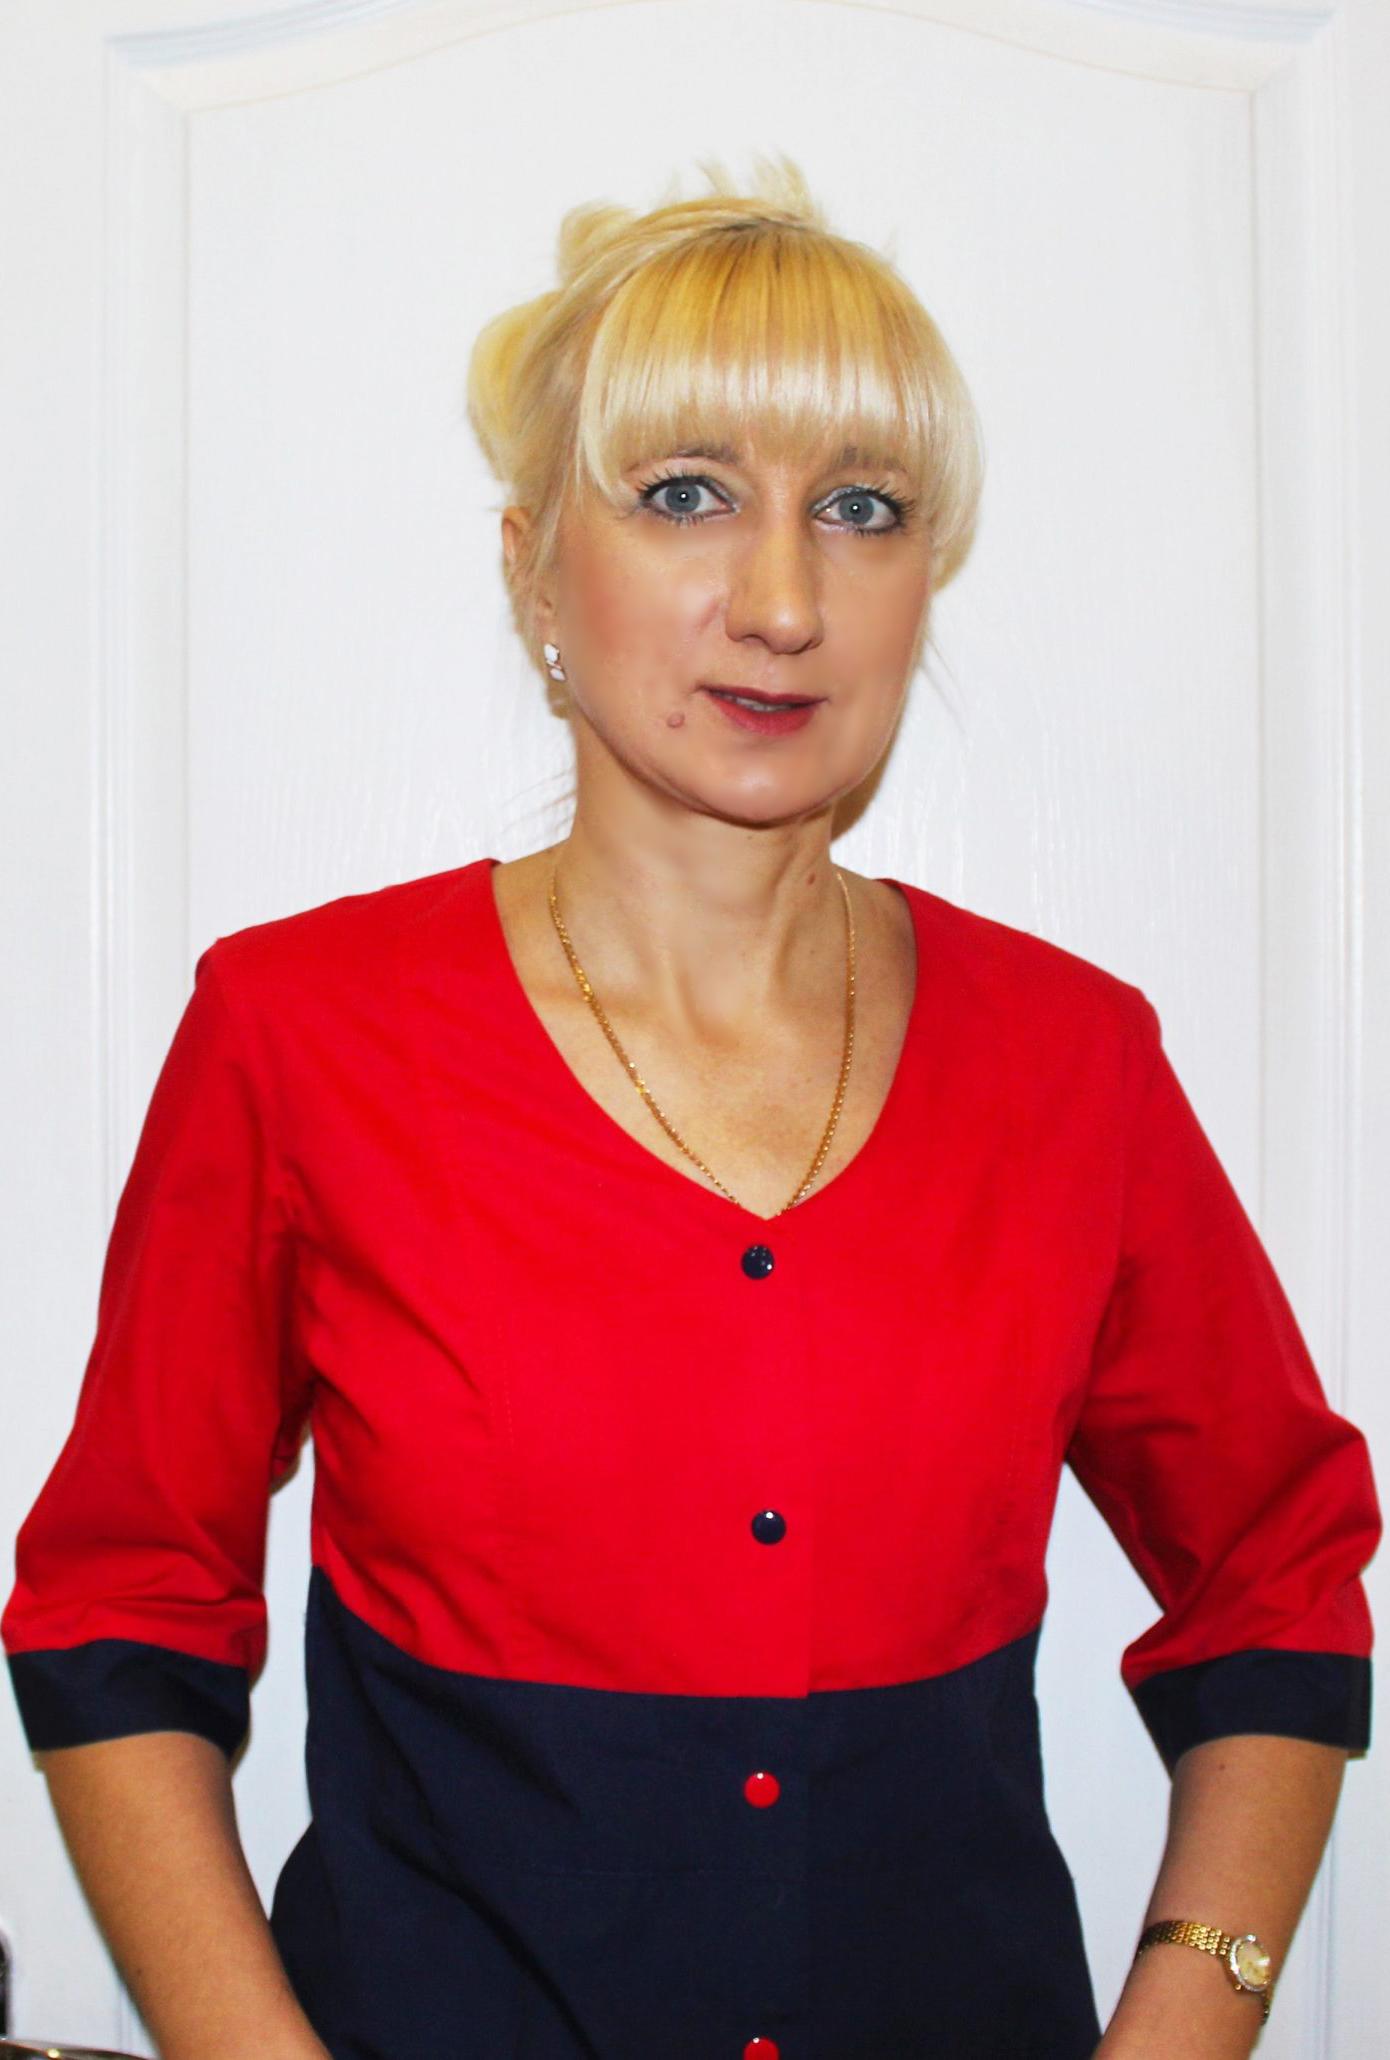 Висцеральный остеопат Центра Грефи Васильченко Лия Владимировна